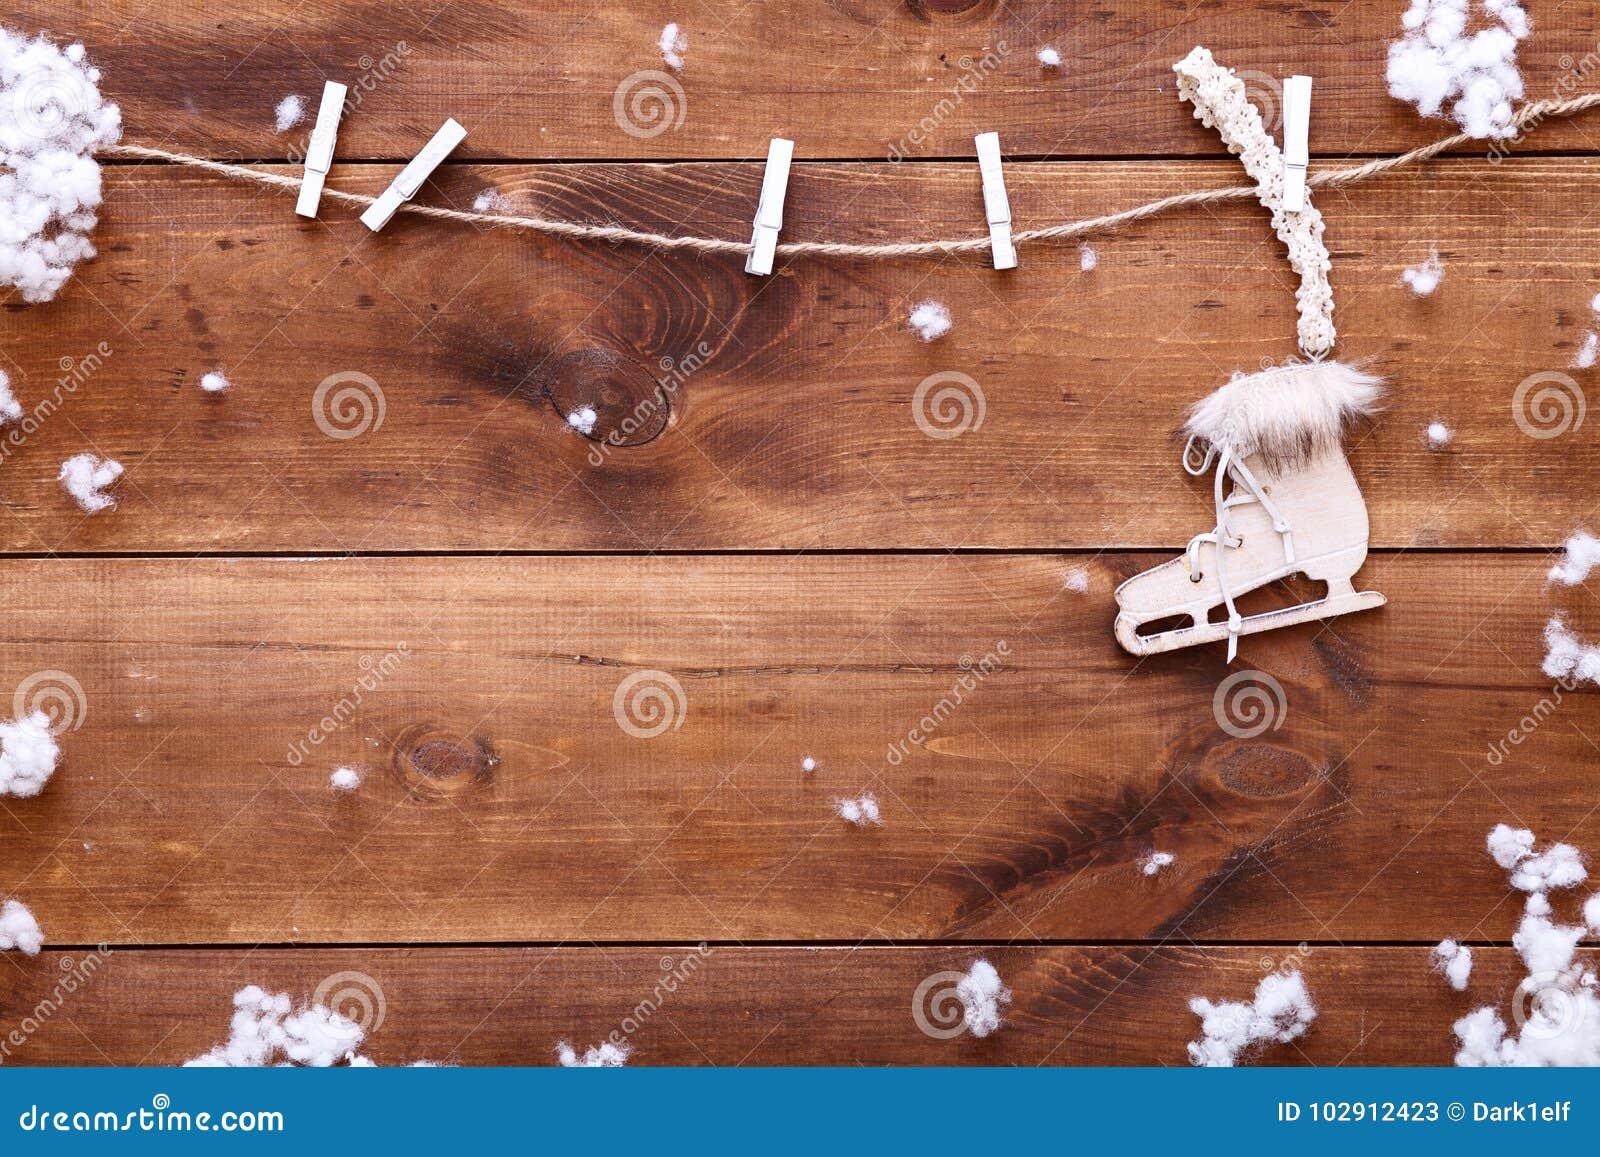 Patinando no conceito do inverno, patim de gelo branco que pendura no fundo marrom de madeira com flocos de neve, vista superior